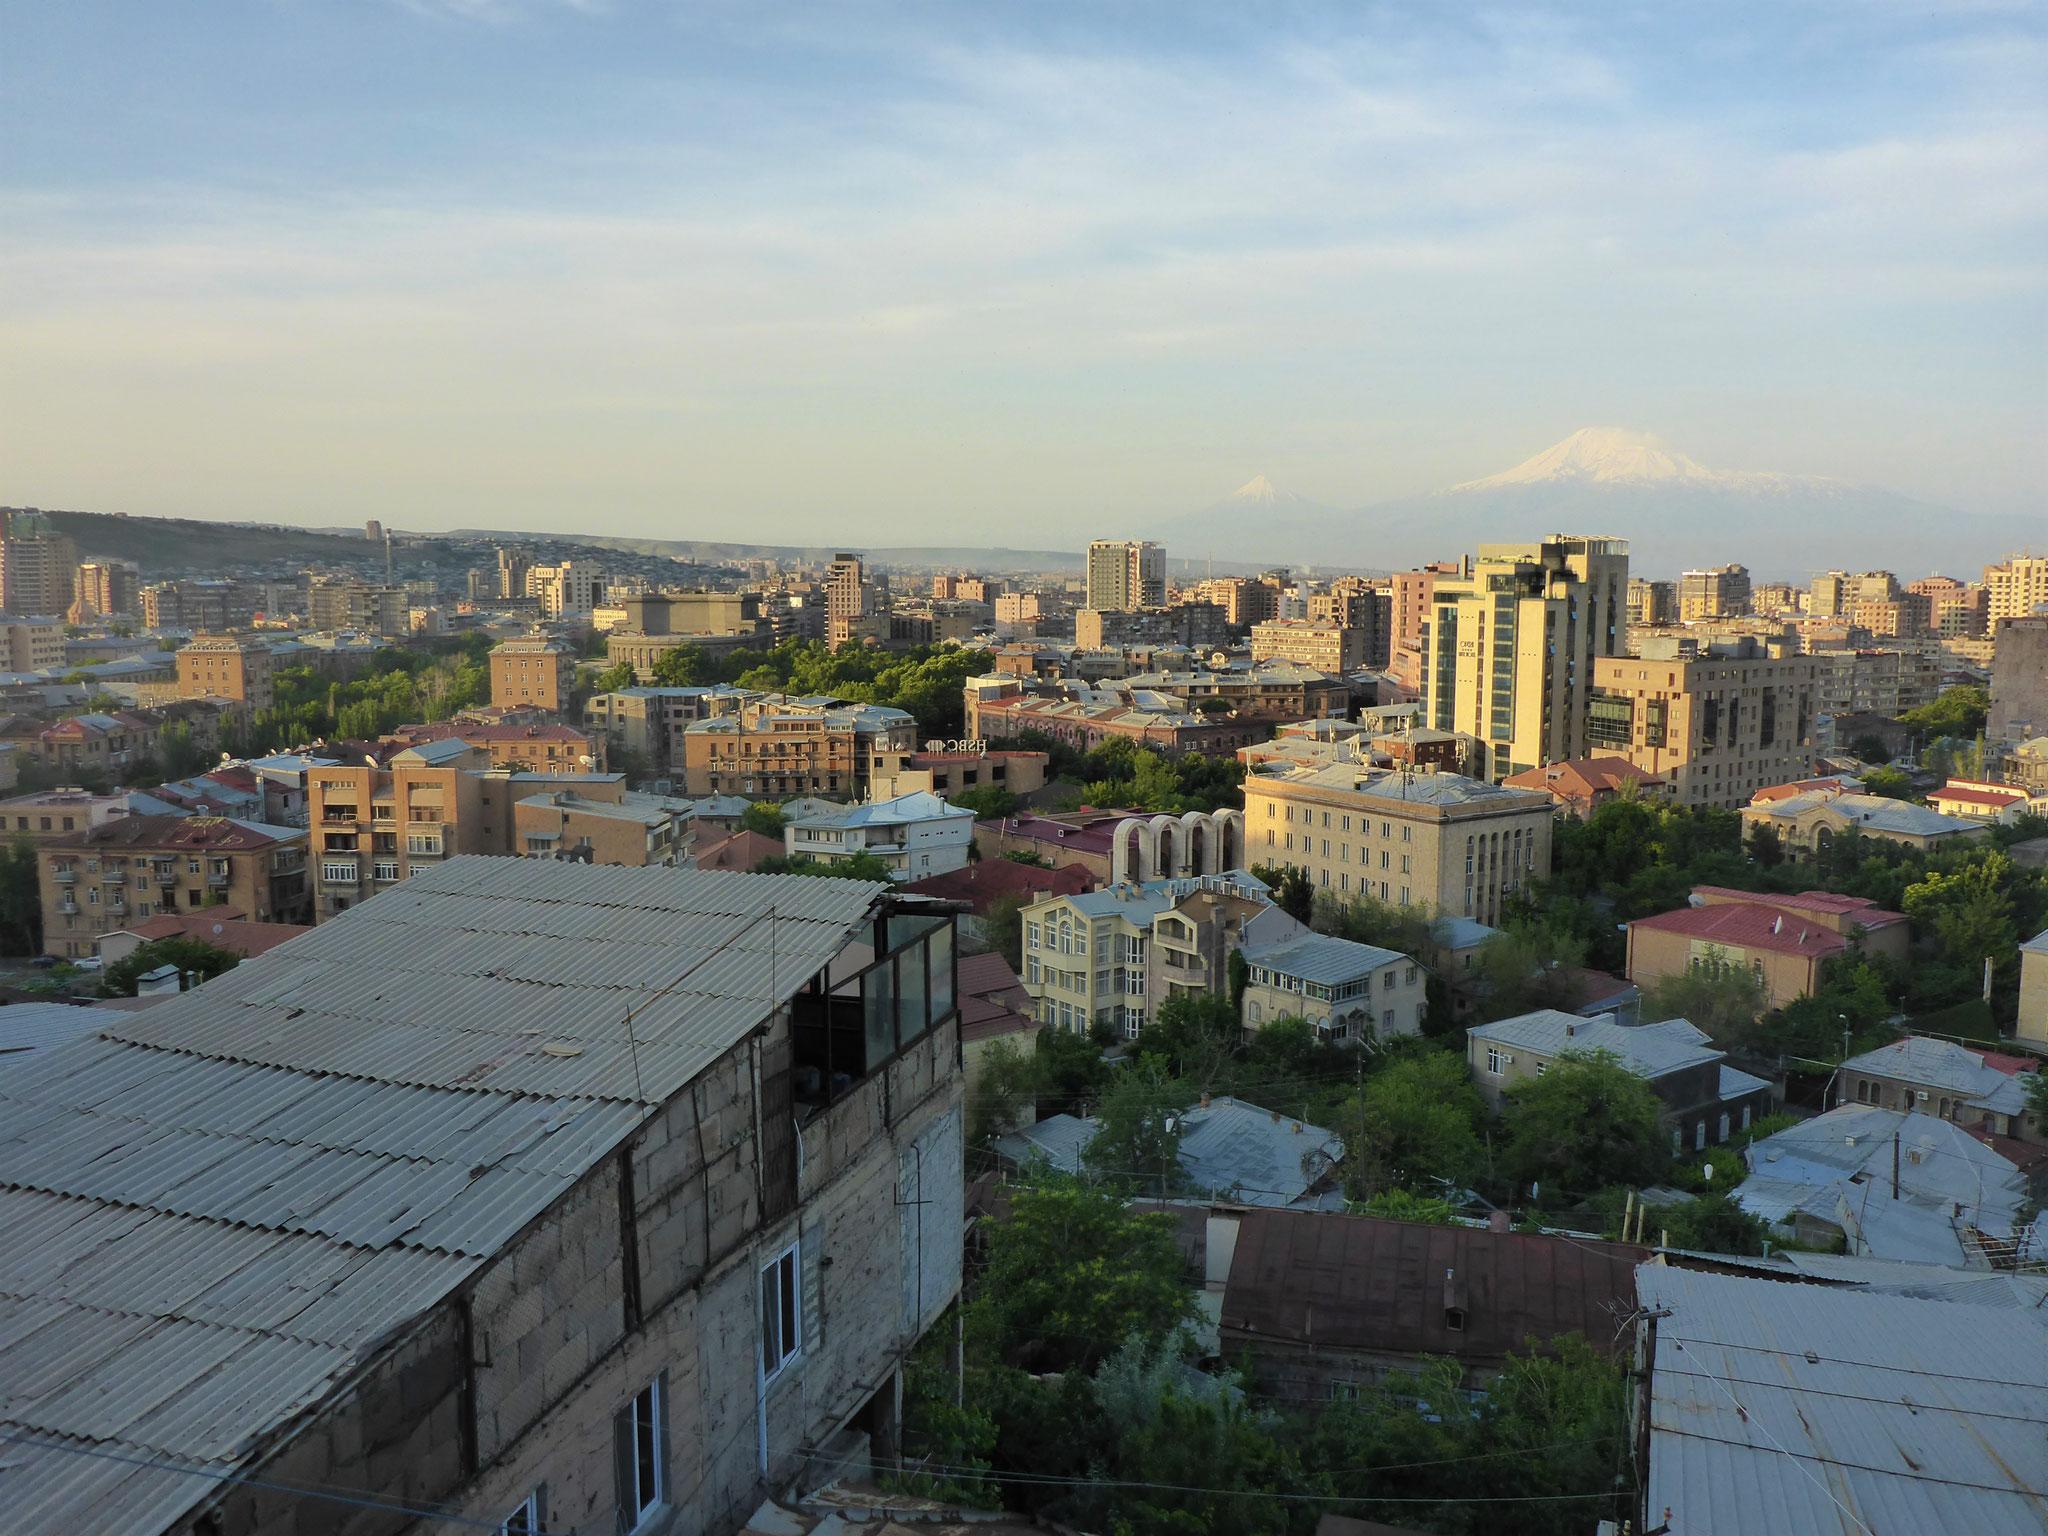 Morgens um 6 ist der Ararat am schönsten ...